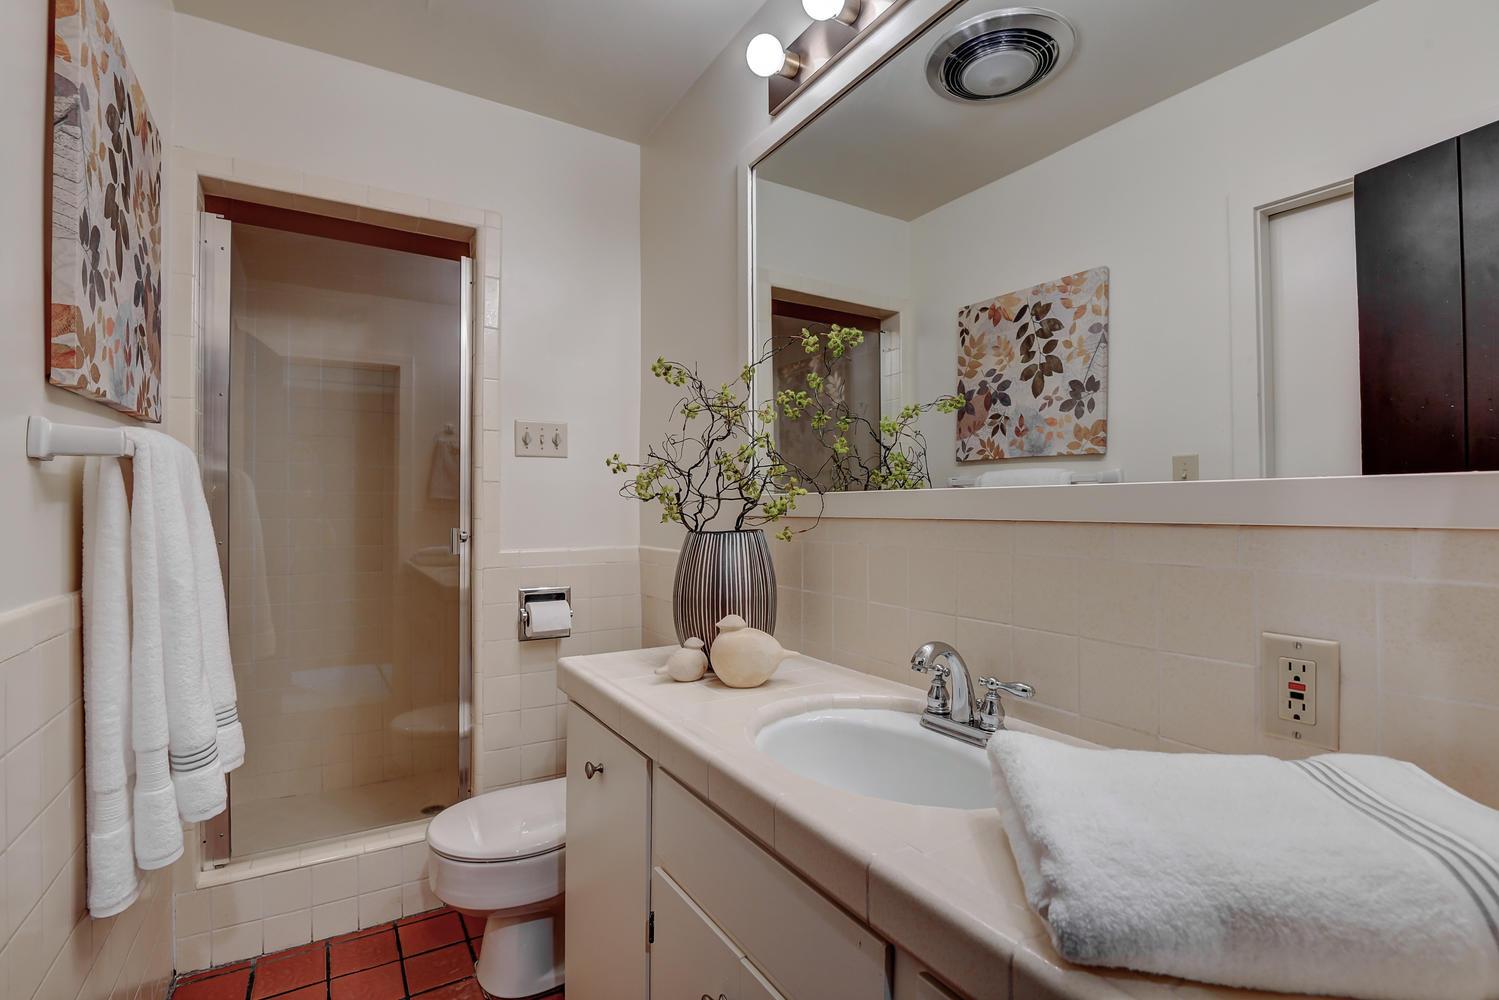 18790 Blythswood Dr Los Gatos-large-026-092-Hall Bathroom-1500x1000-72dpi.jpg